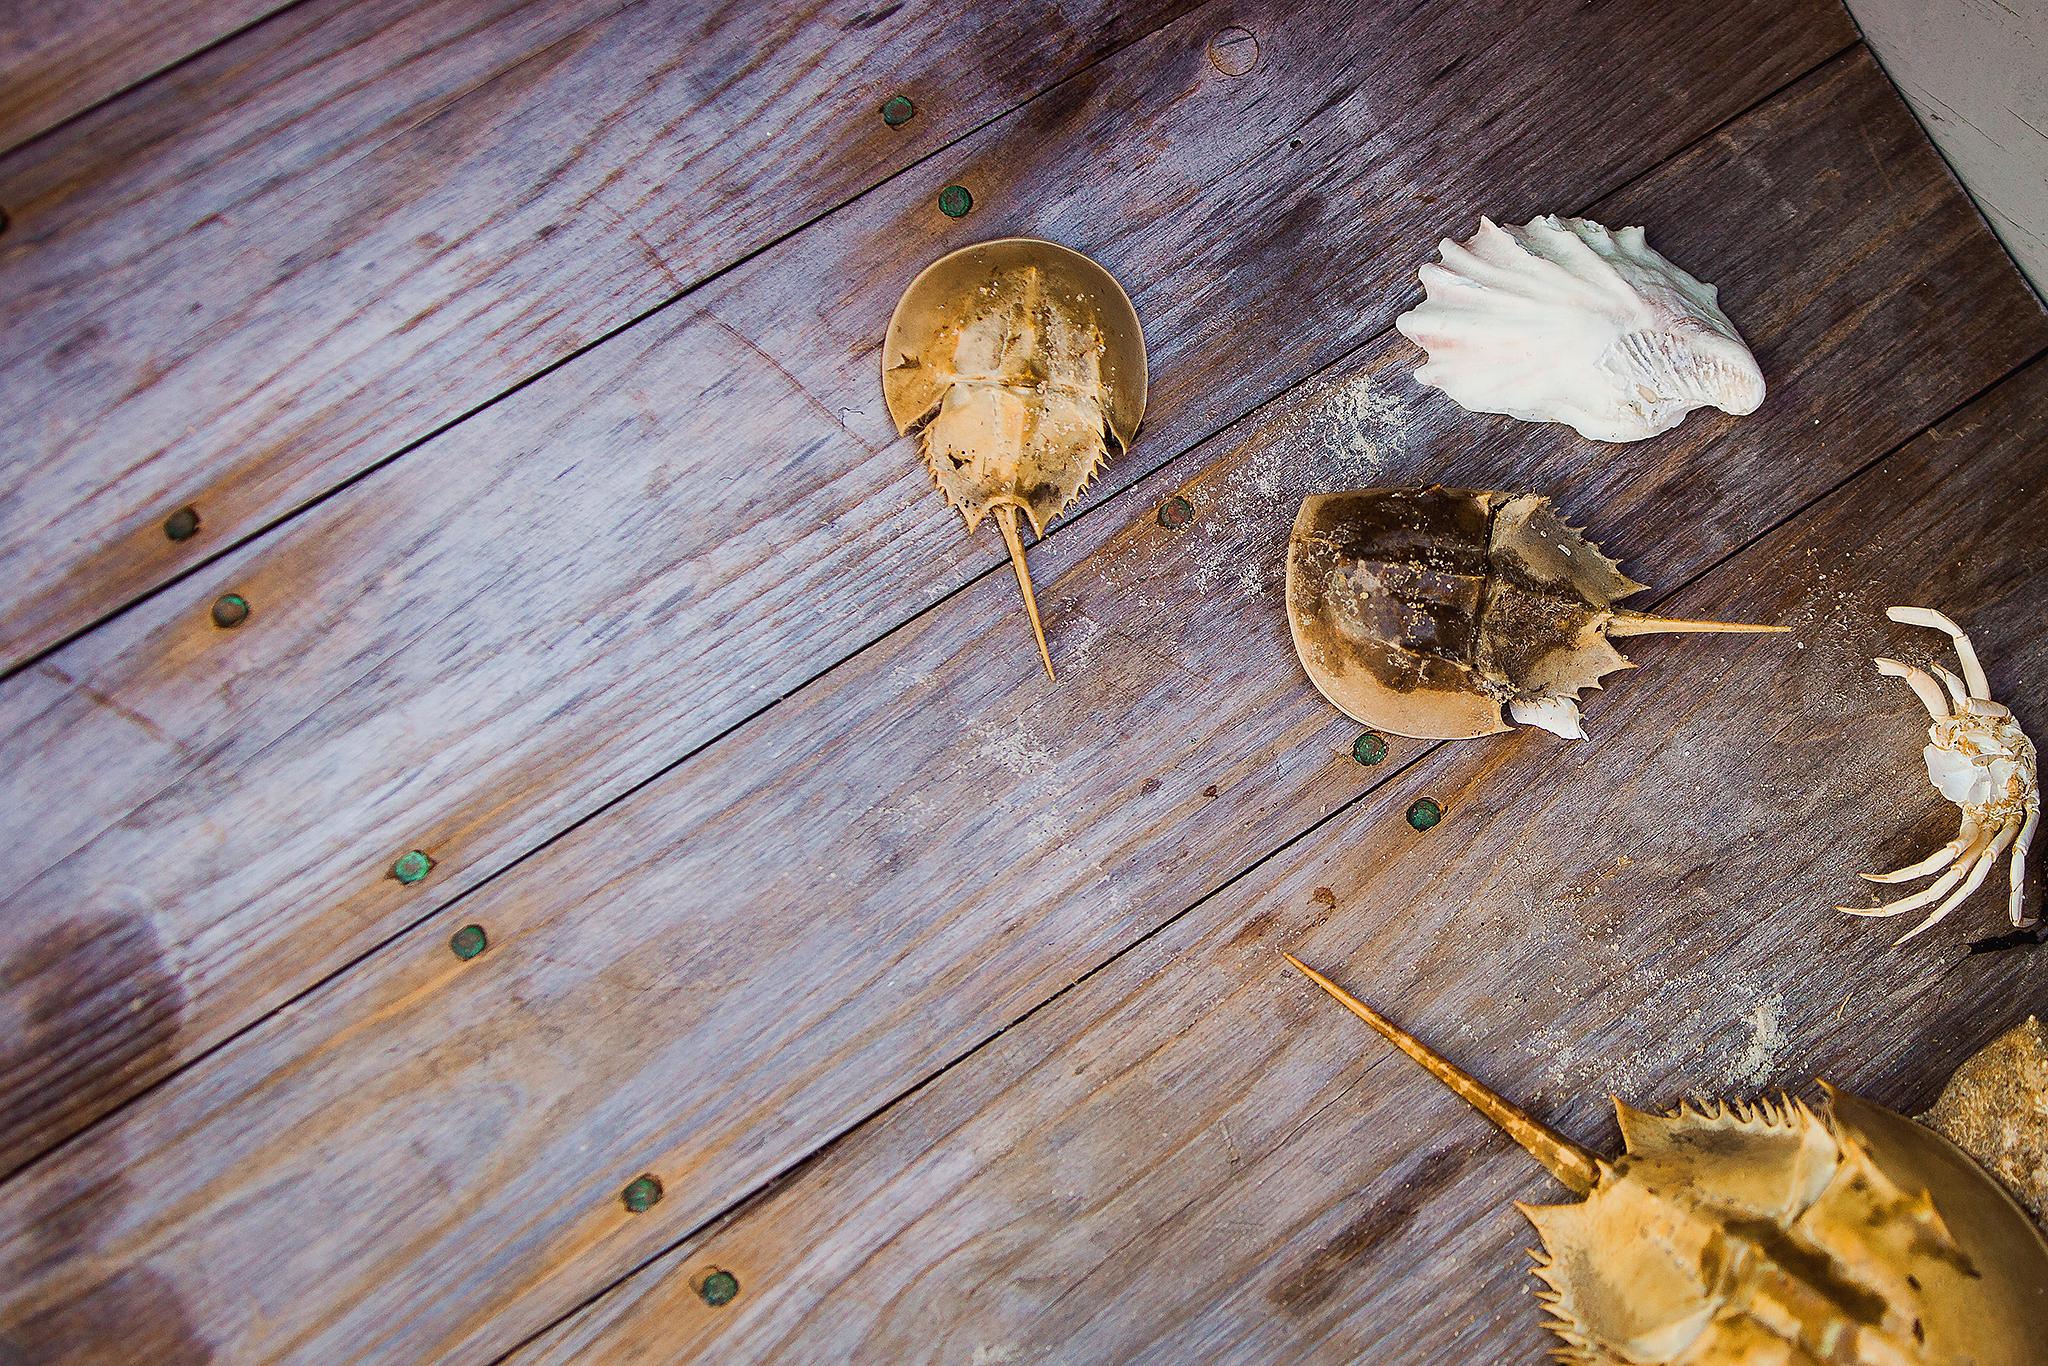 horseshoe crabs on floor of wooden boat